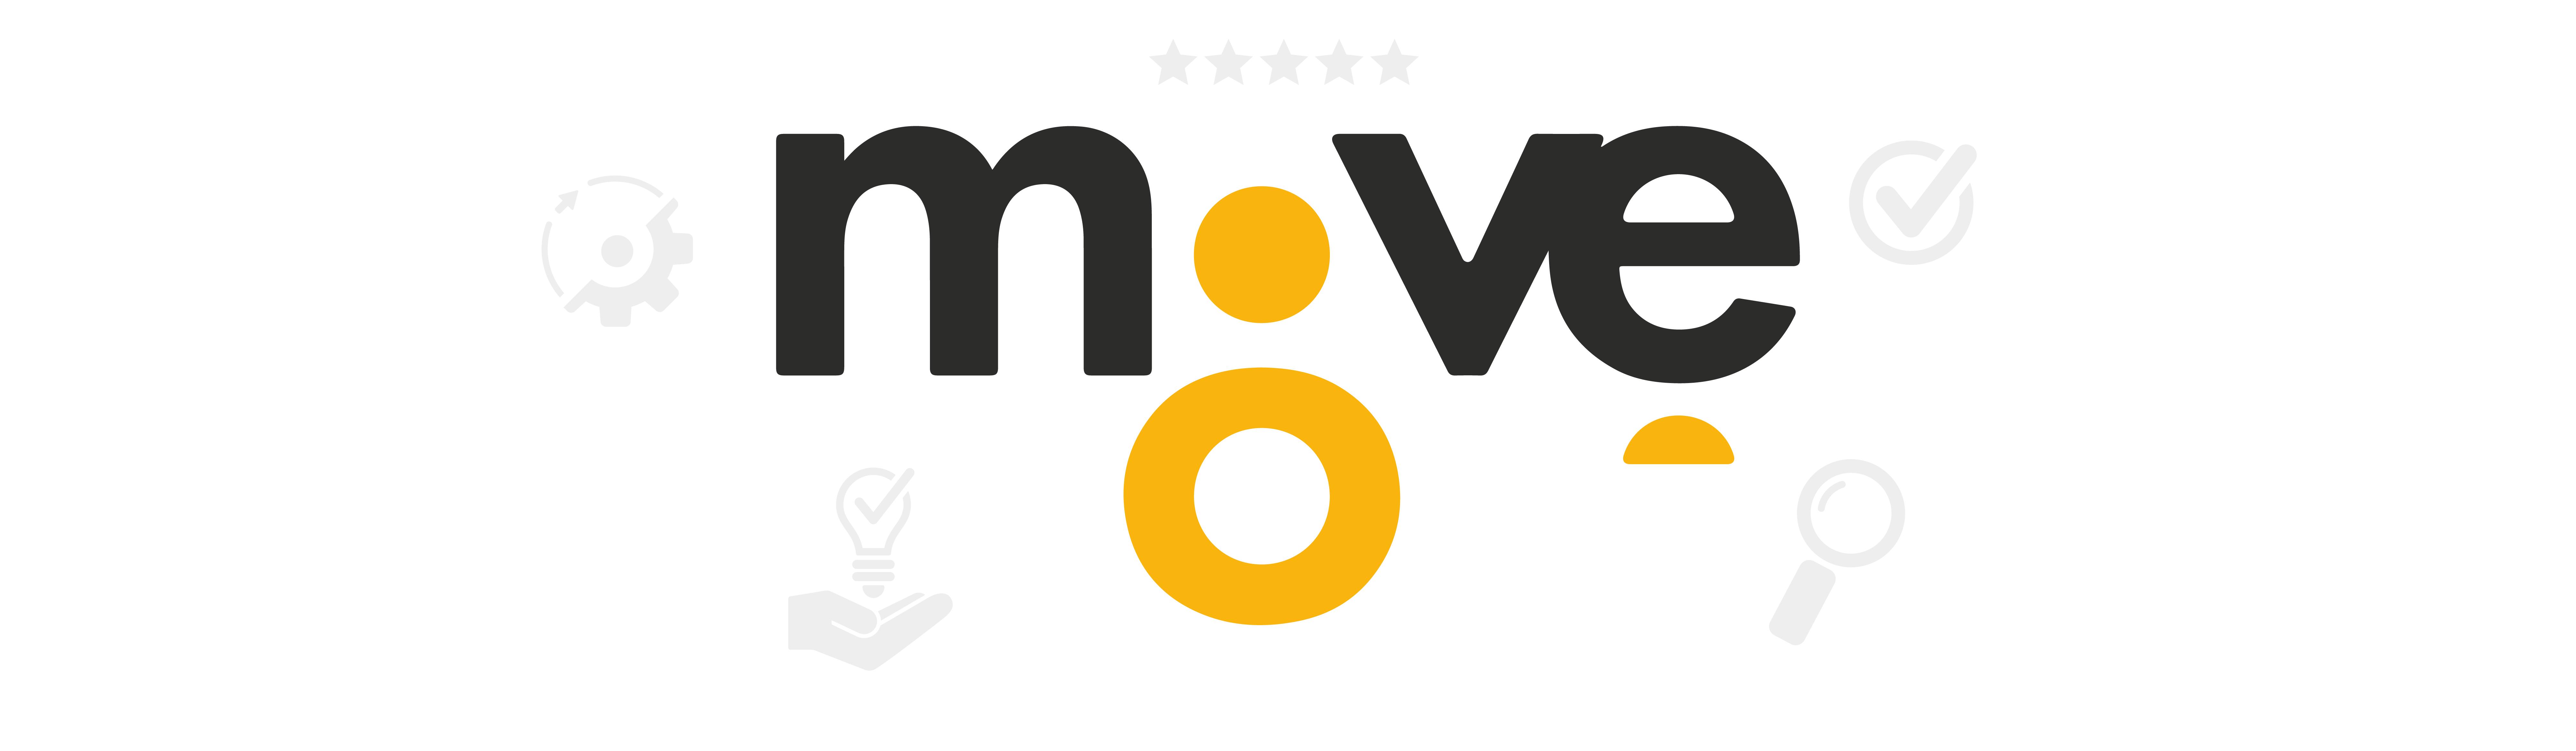 Move avaliacao iniciativas sociais banner plataforma